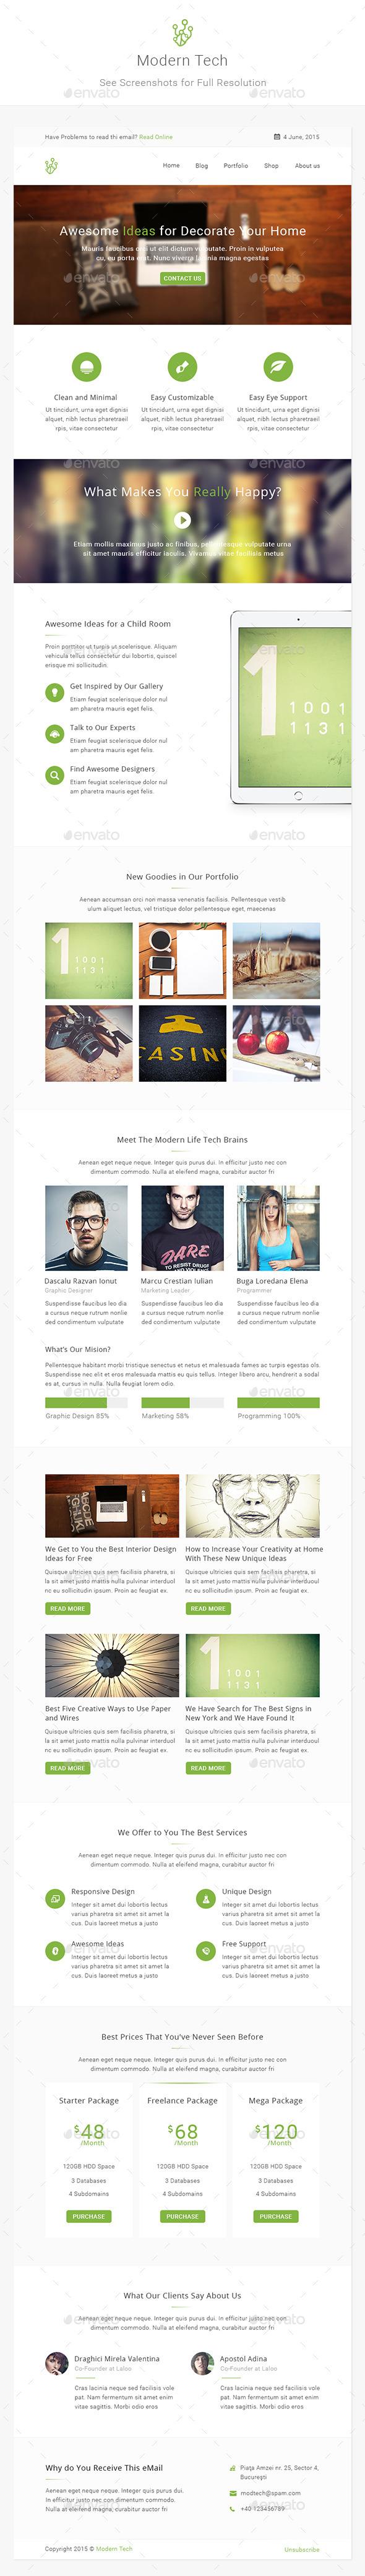 Modern Tech - Modern Business E-newsletter - E-newsletters Web Elements